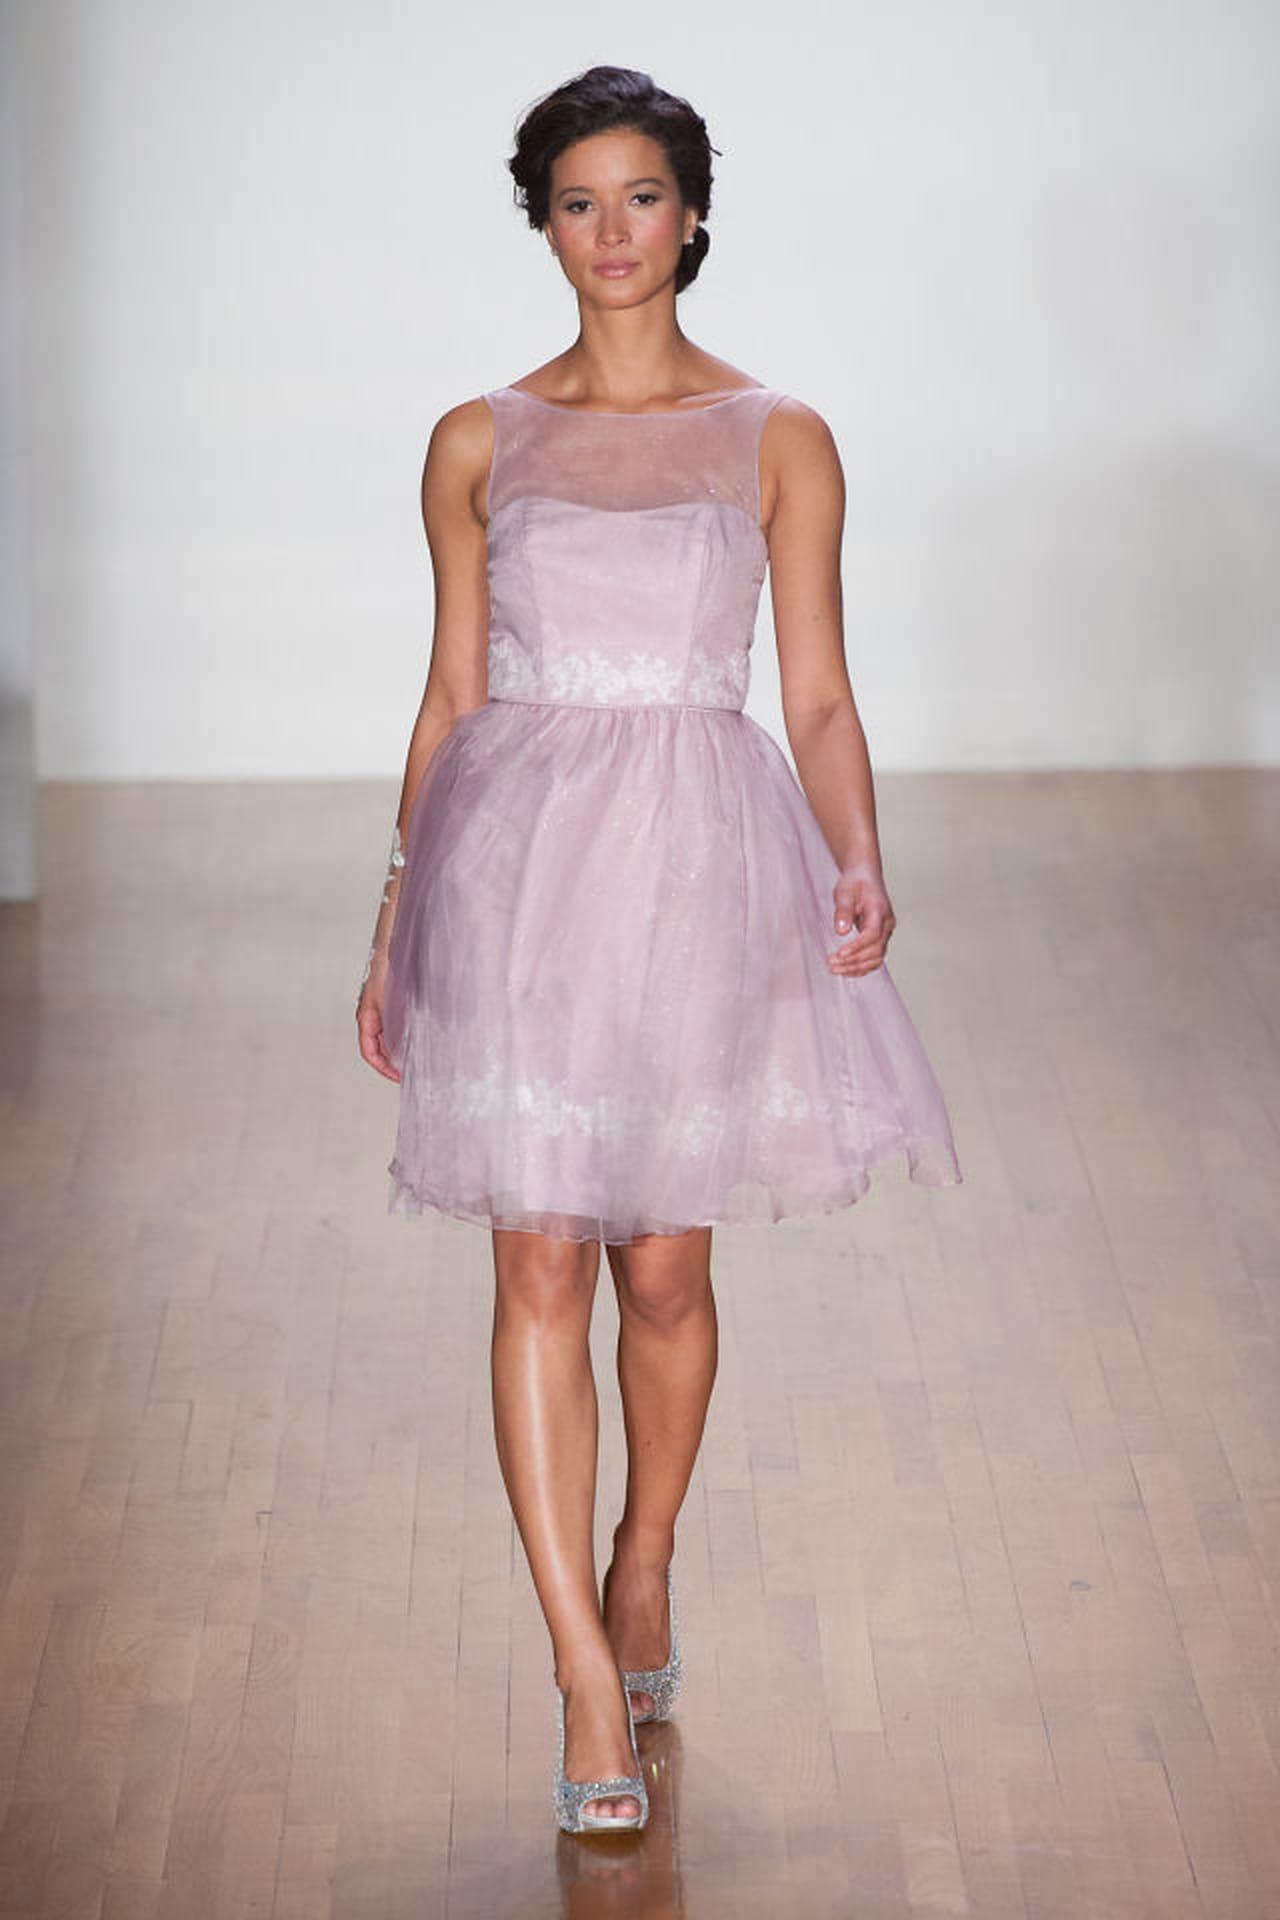 Abito rosa in stile anni 50 per la sposa di Alfred Angelo. 6ecdd014b63